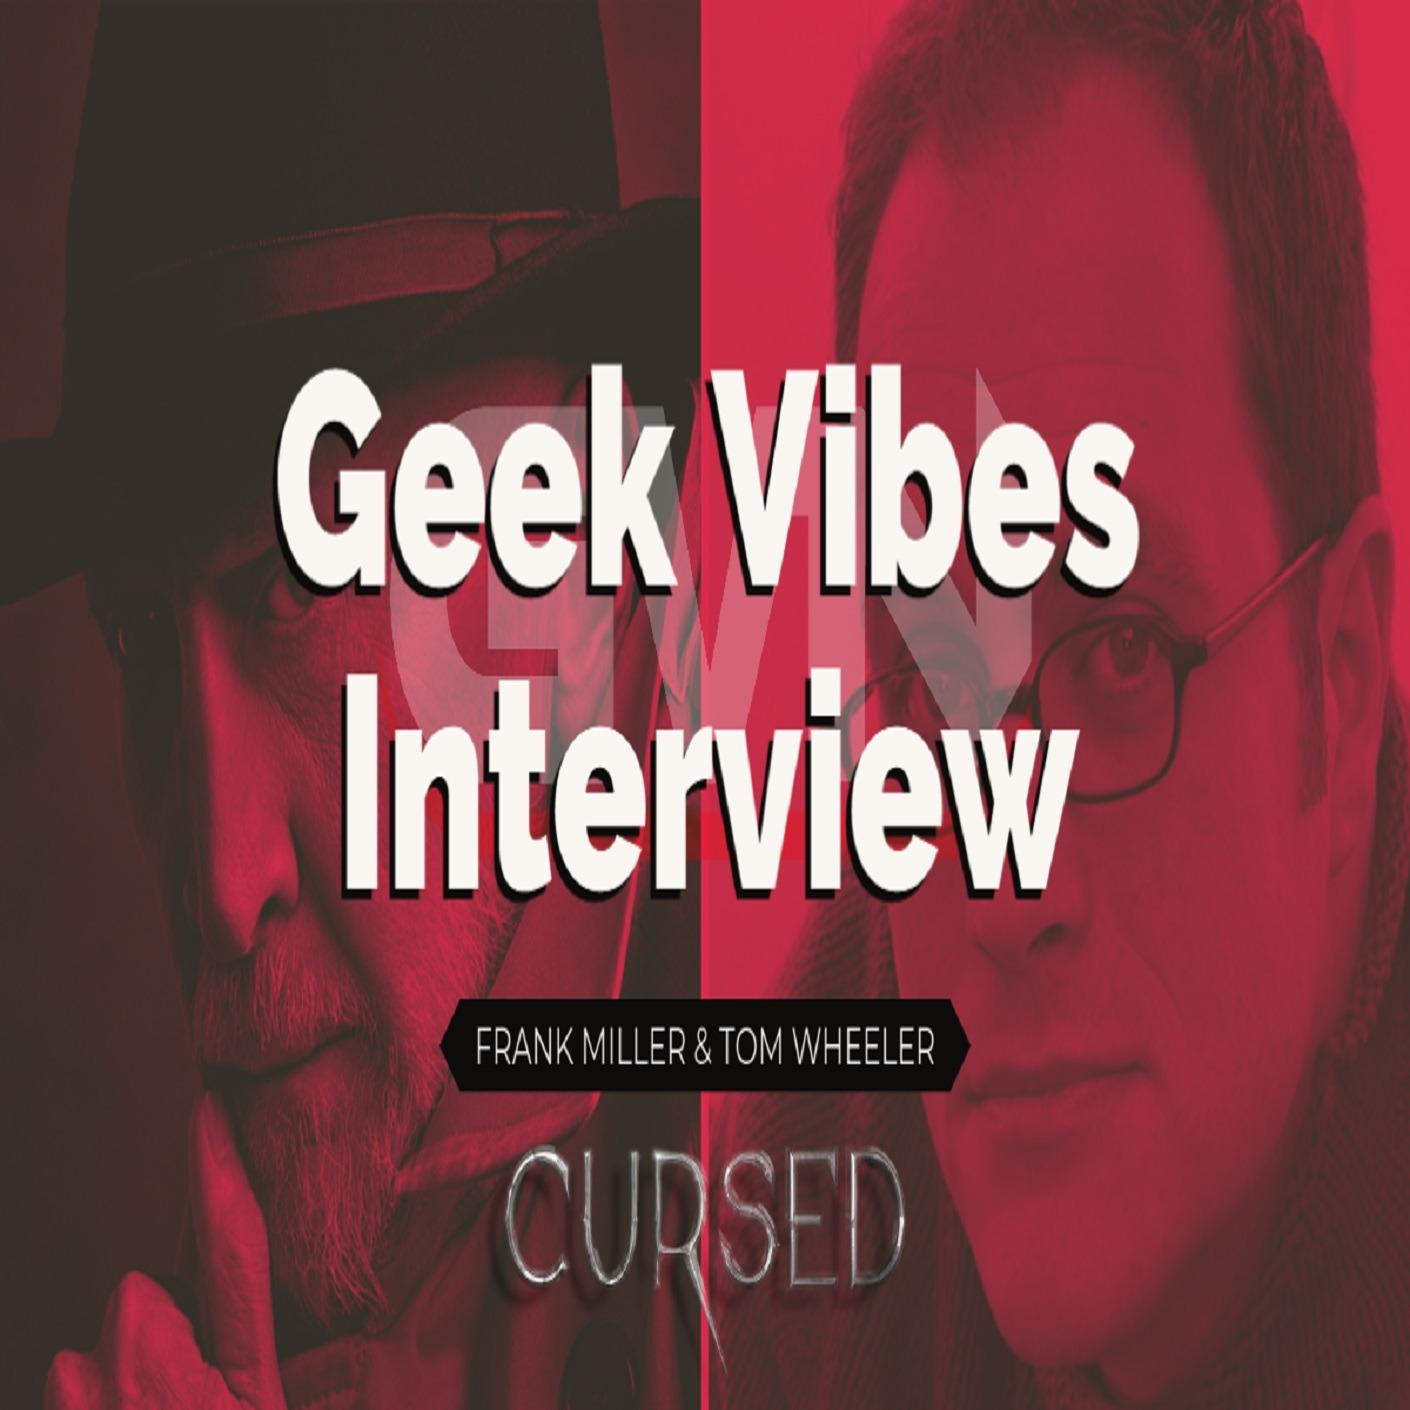 Geek Vibes Interview w/ Frank Miller & Tom Wheeler